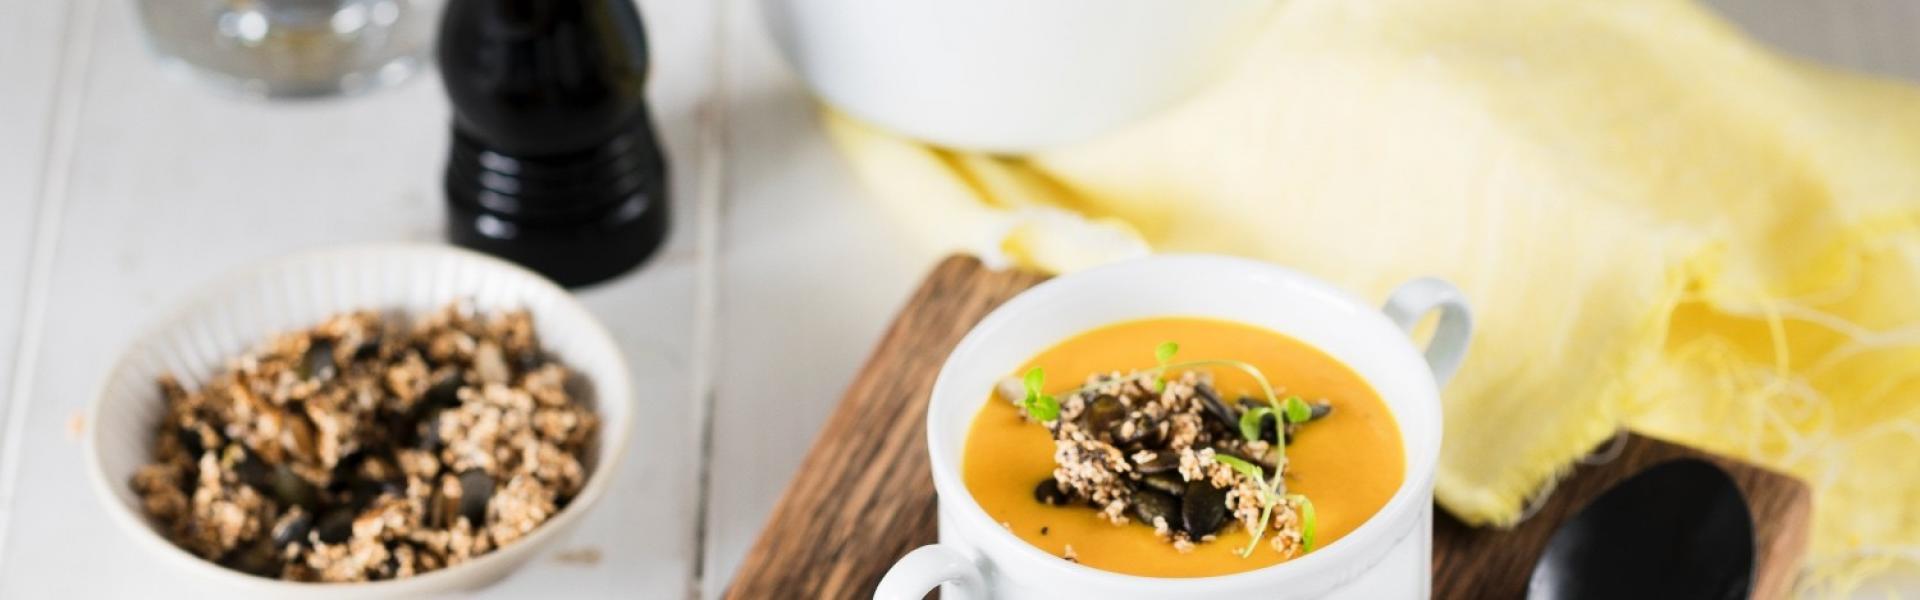 Zwei Schalen Karotten-Ingwer-Suppe auf einem Holzbrett auf einem Tisch angerichtet.